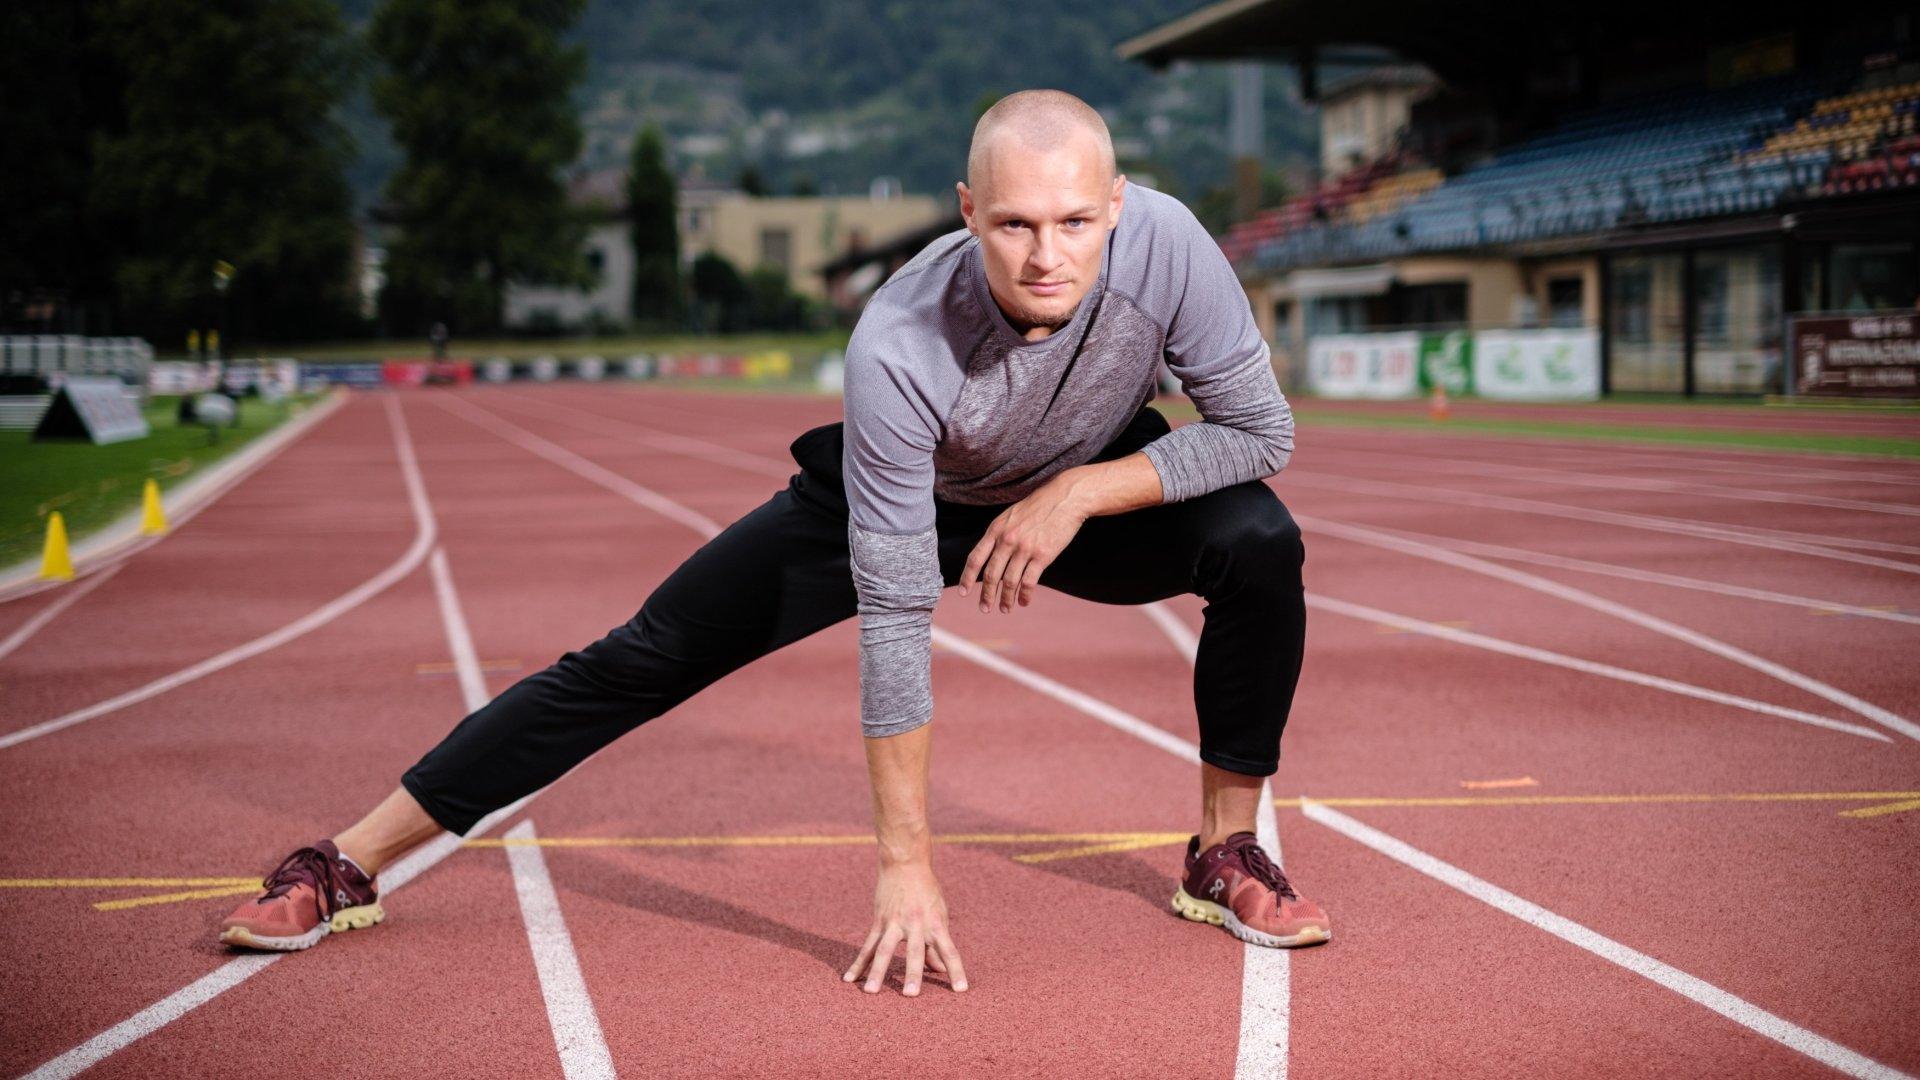 Le sprinteur du Versoix Athlétisme a amélioré ses records sur 200 m et 400 m, mais il estime qu'il aurait pu faire beaucoup mieux.